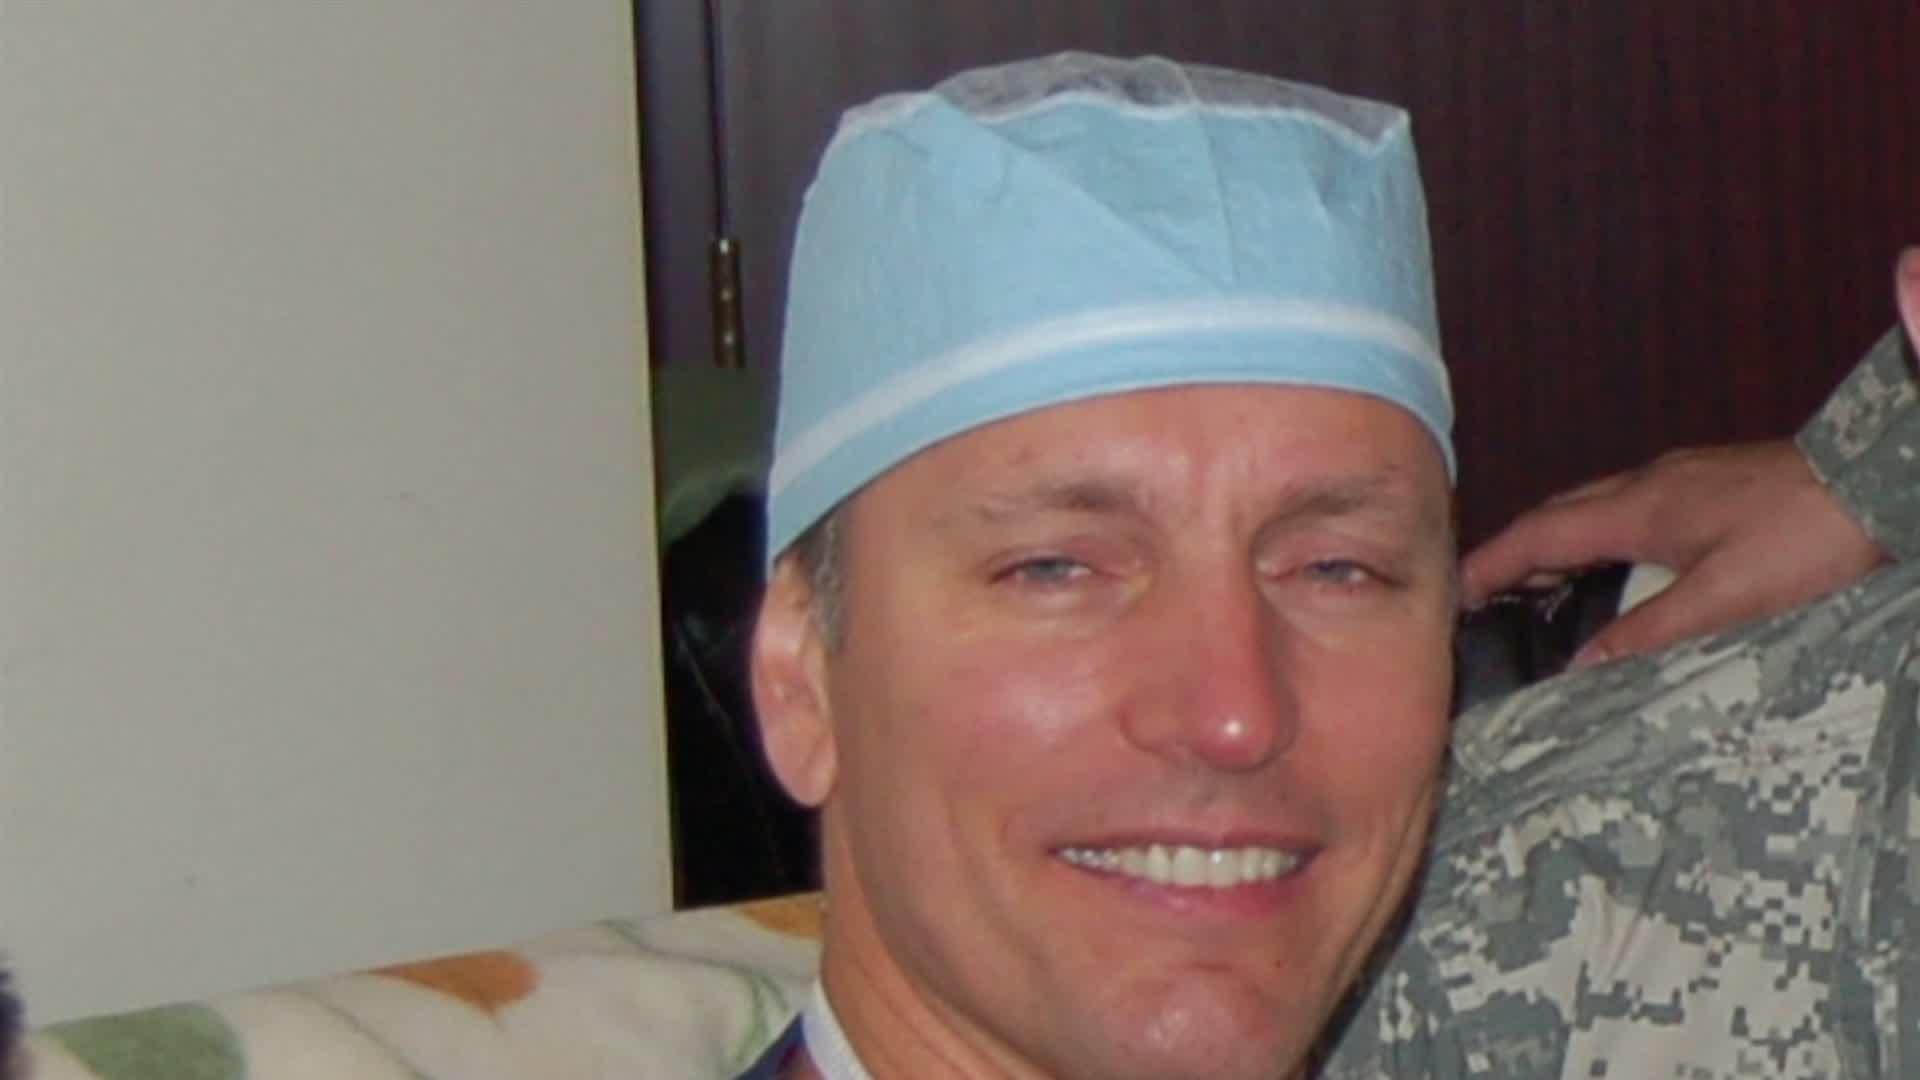 Cirujano ocular pide al gerente de TI ruso que arregle el asesinato de un socio comercial